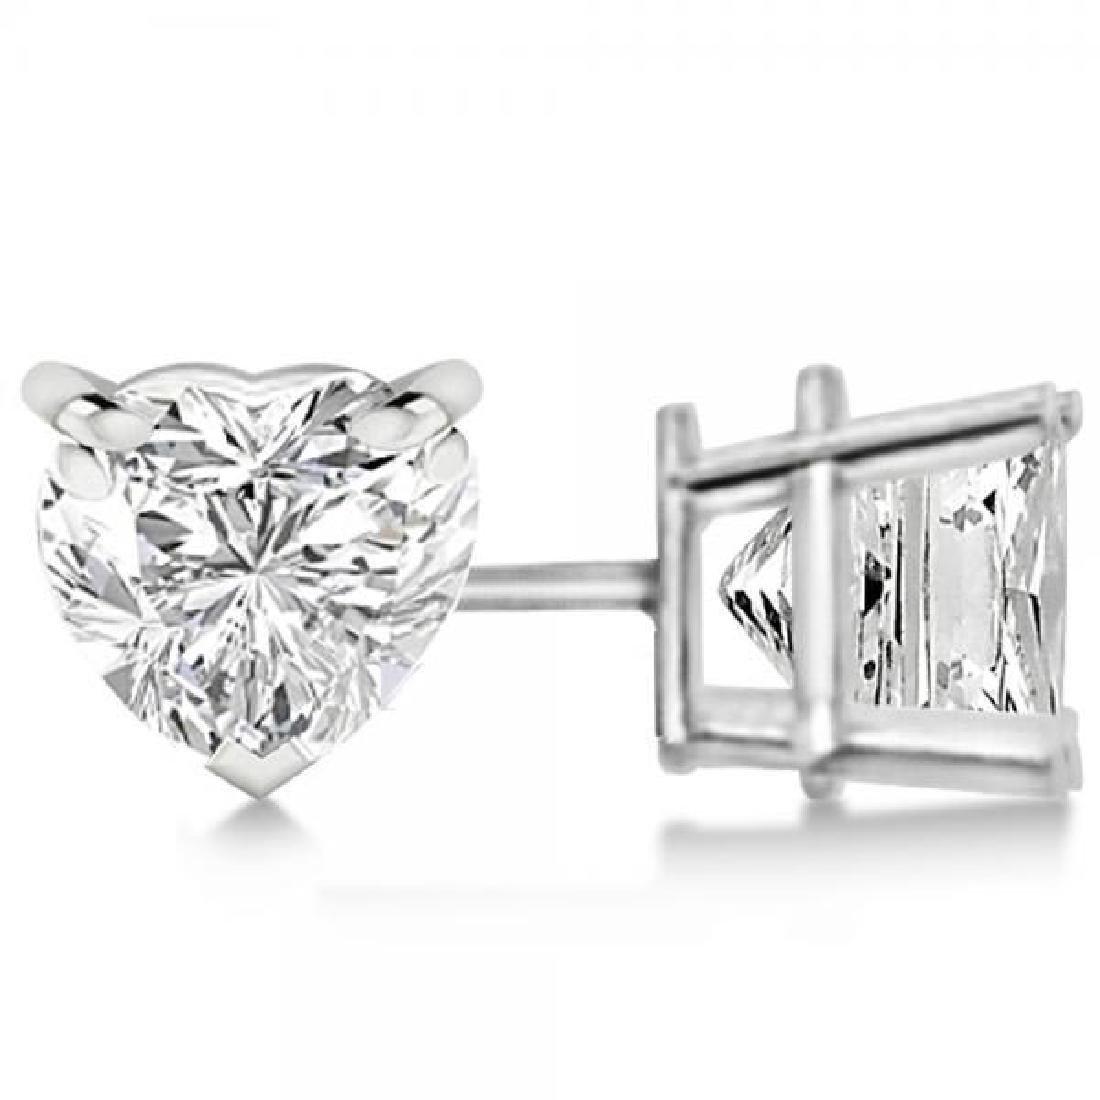 0.50ct Heart-Cut Diamond Stud Earrings 14kt White Gold